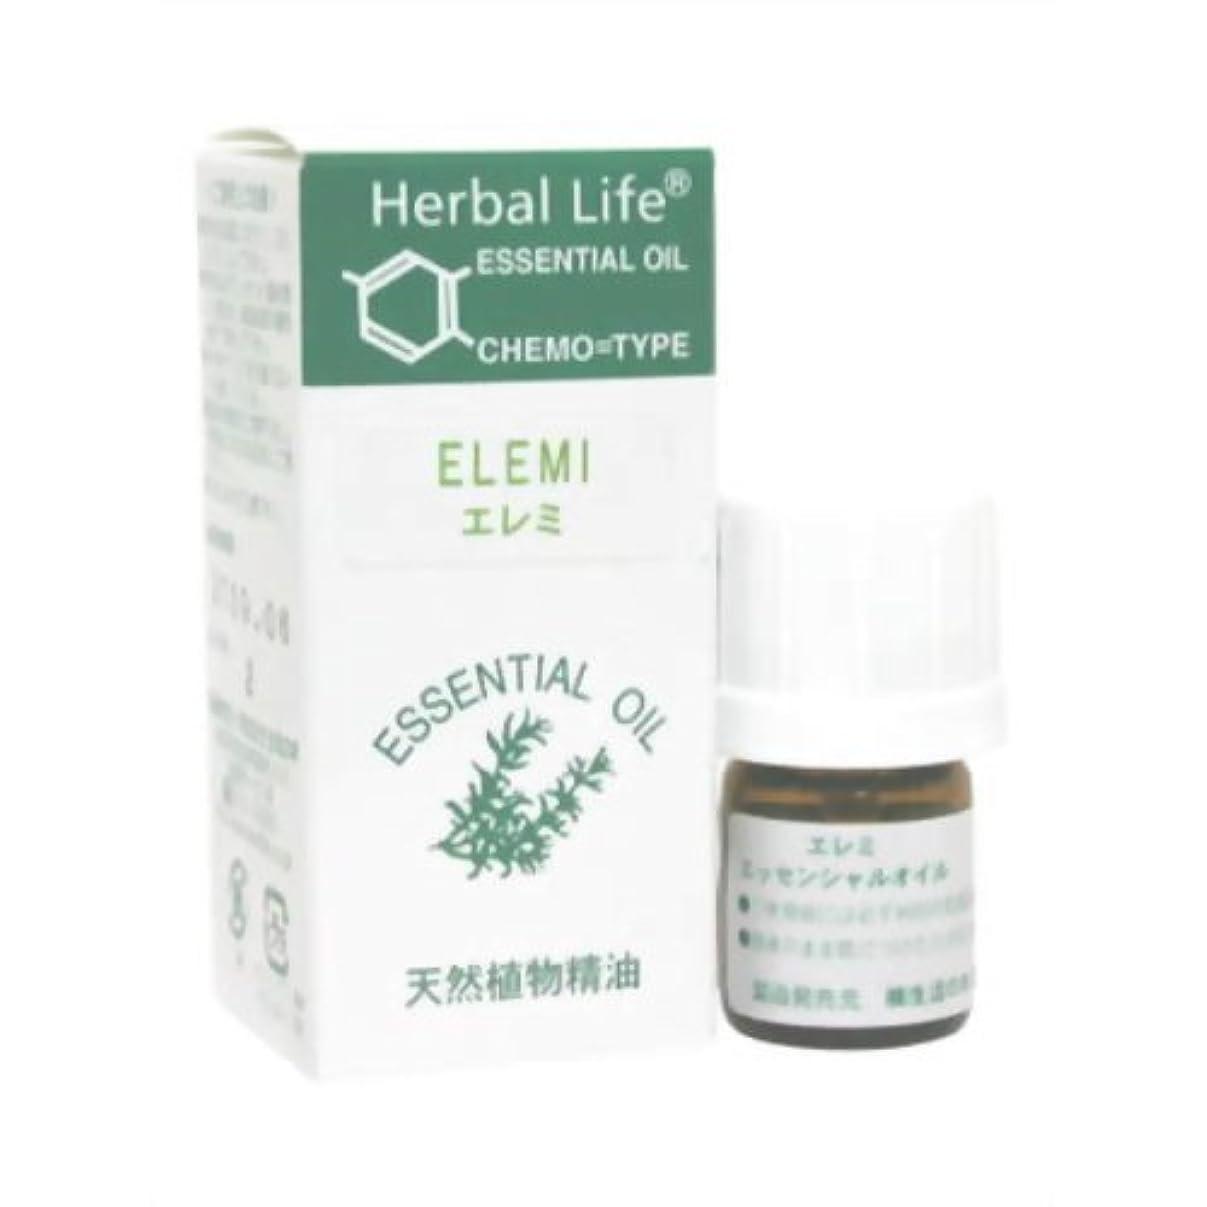 老朽化した上陸早い生活の木 Herbal Life エレミ 3ml